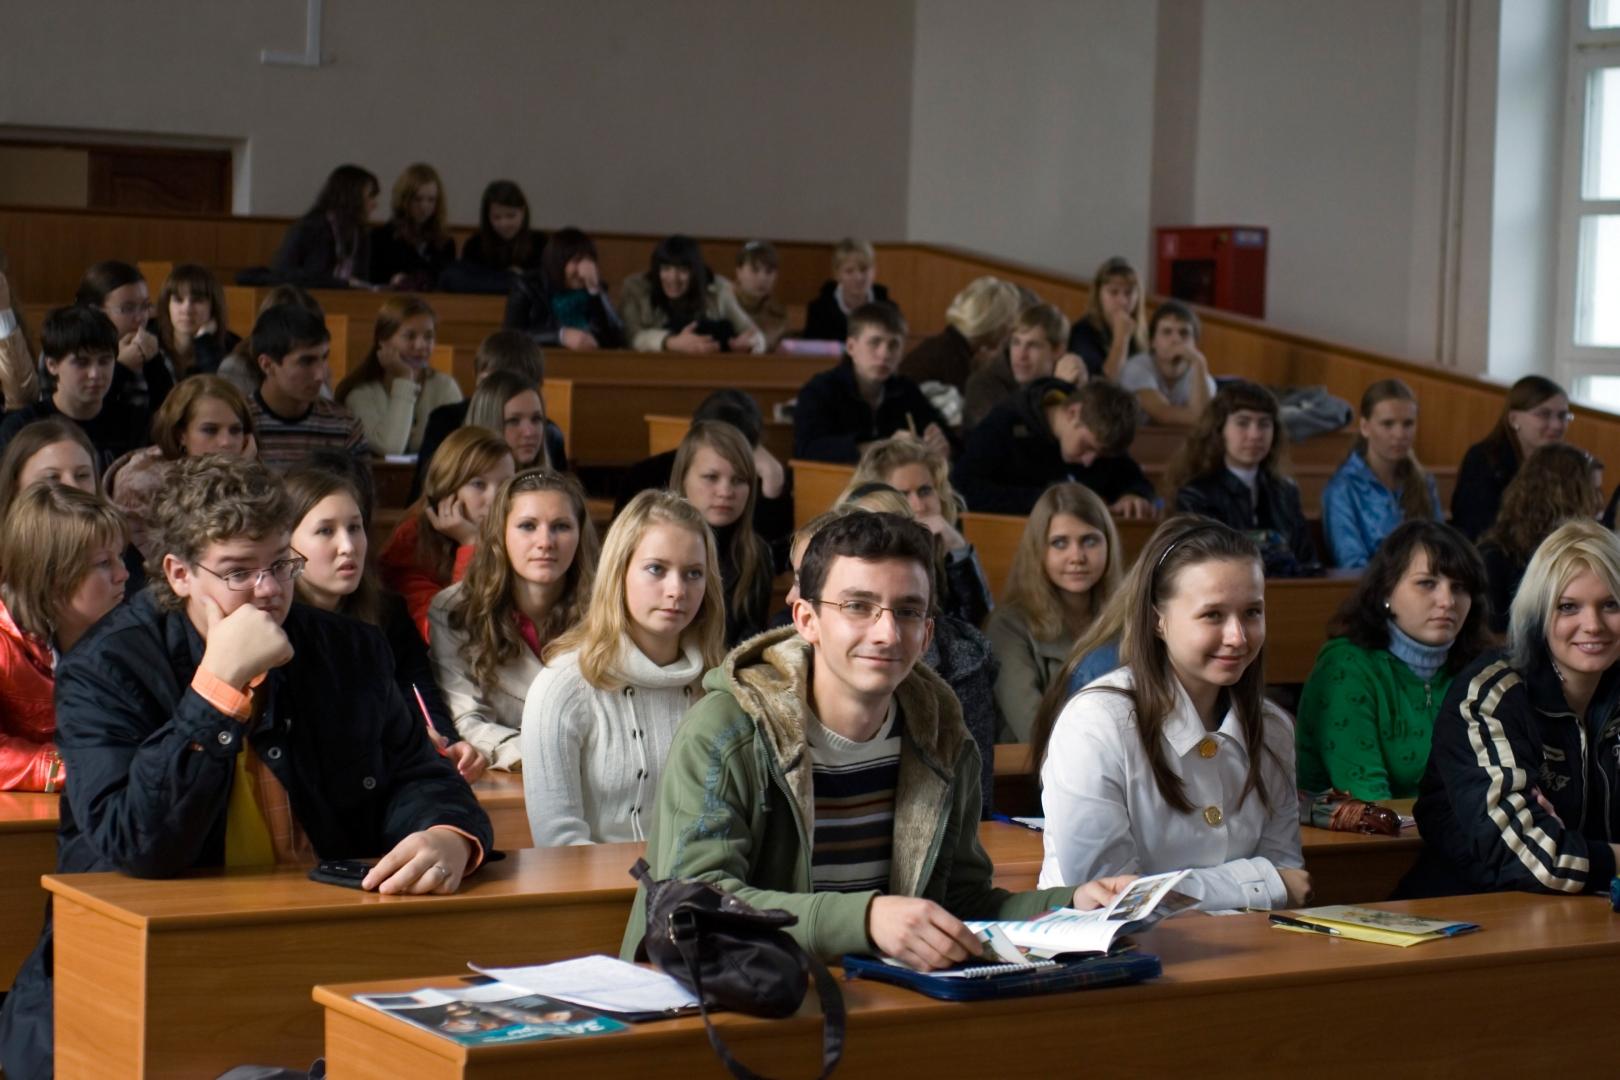 институт фотографии в москве высшее заочно цене